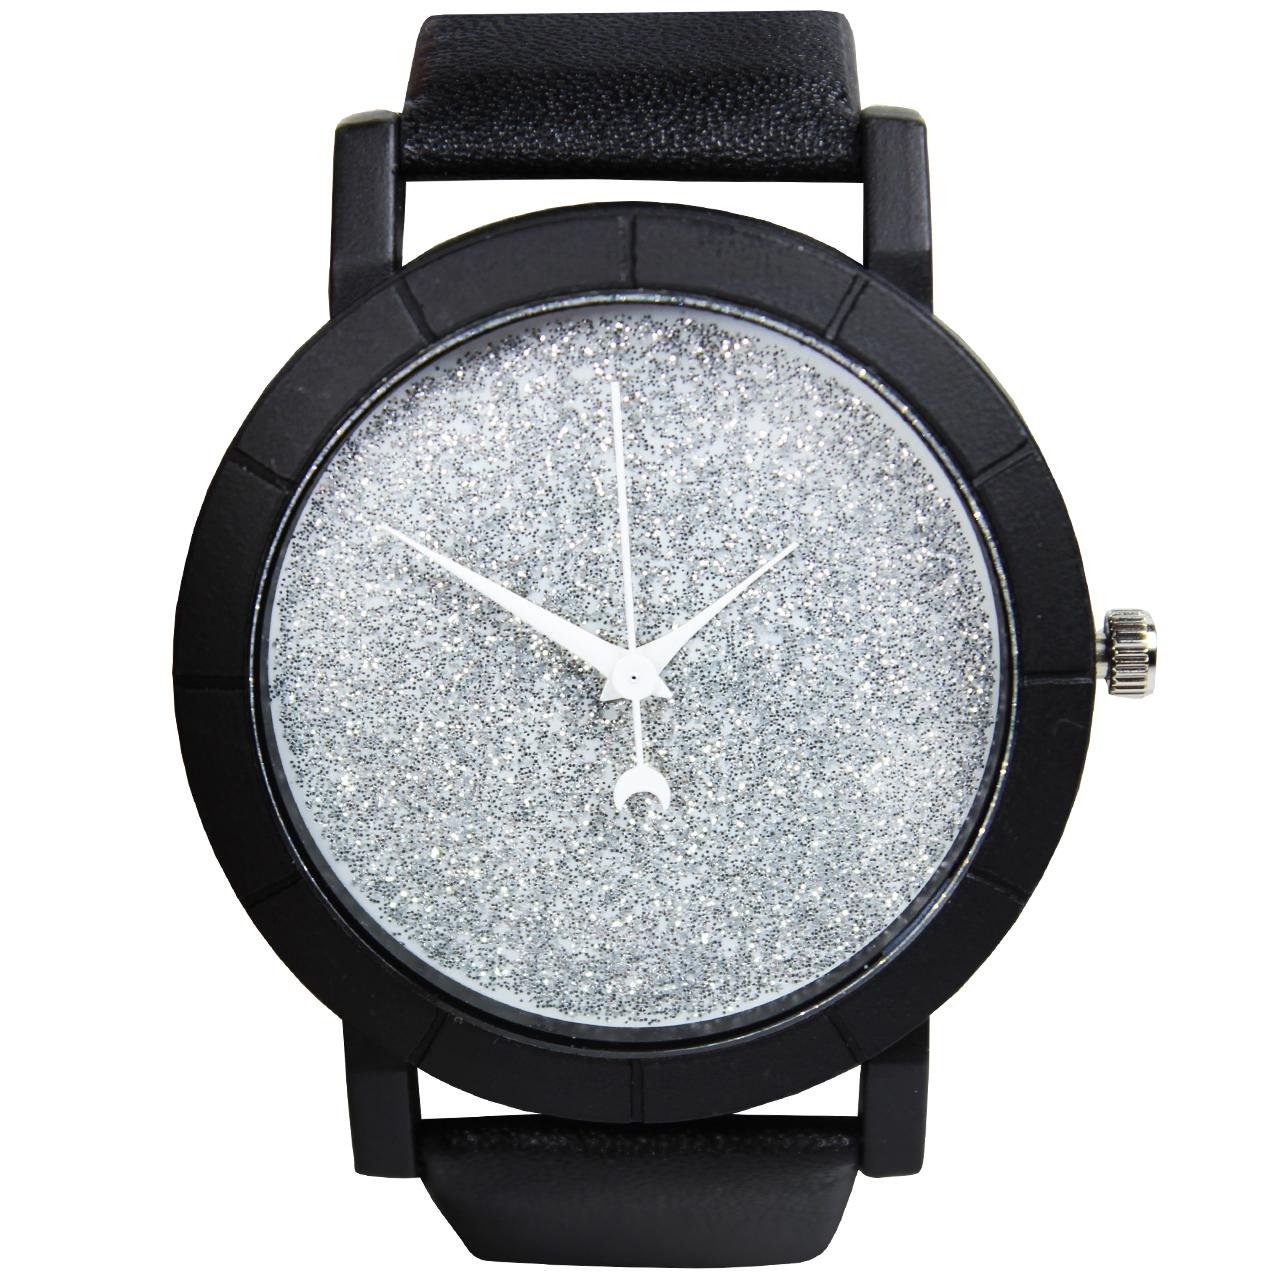 ساعت مچی عقربه ای مدل w16 53